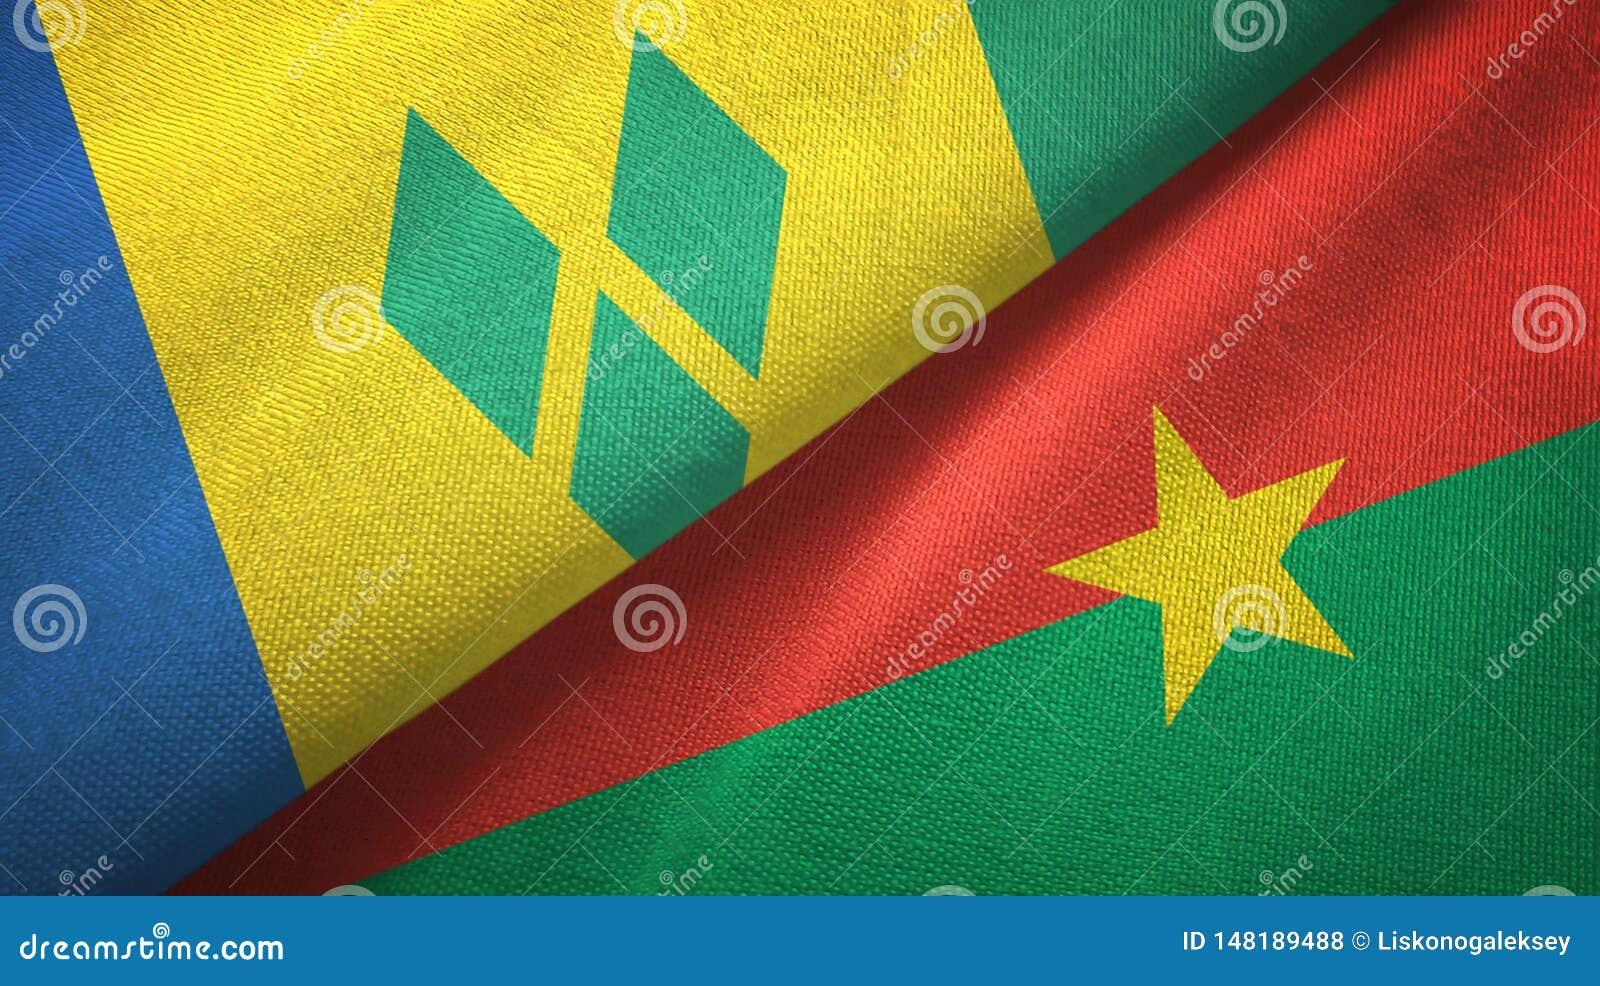 Άγιος Βικέντιος και Γρεναδίνες και Μπουρκίνα Φάσο δύο σημαίες